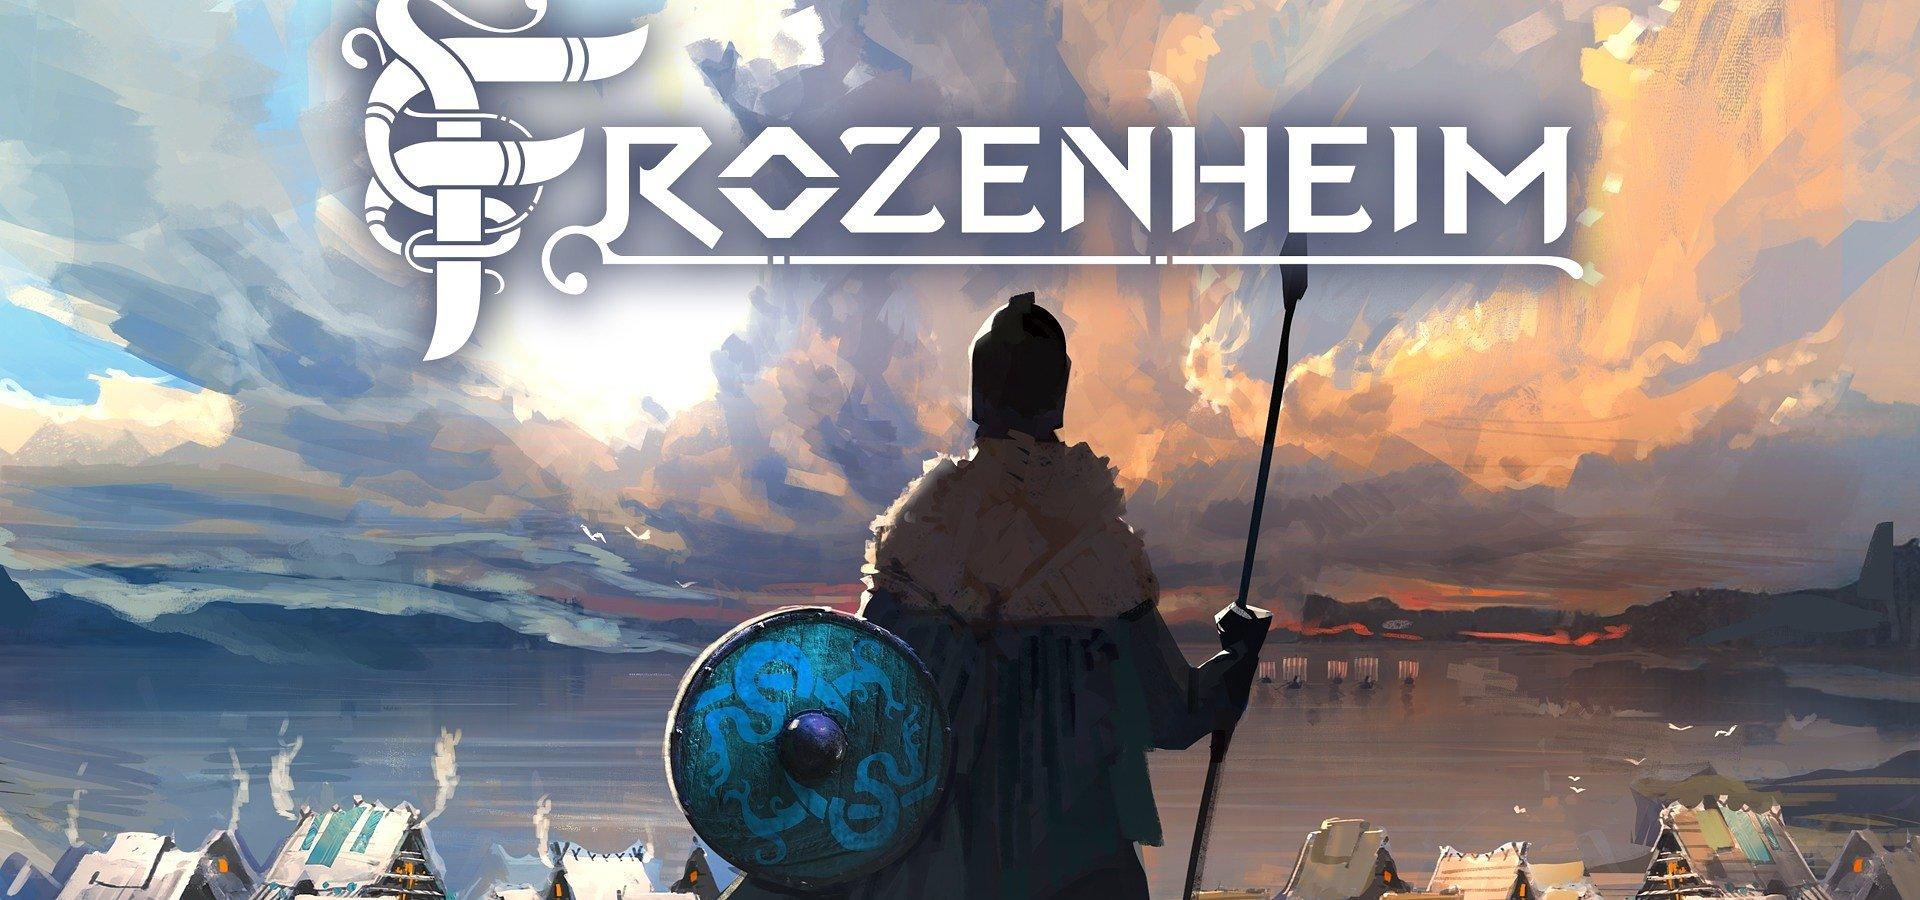 Zdobądź łaskę Odyna we Frozenheim. Strategia z wikingami zmierza na Steam